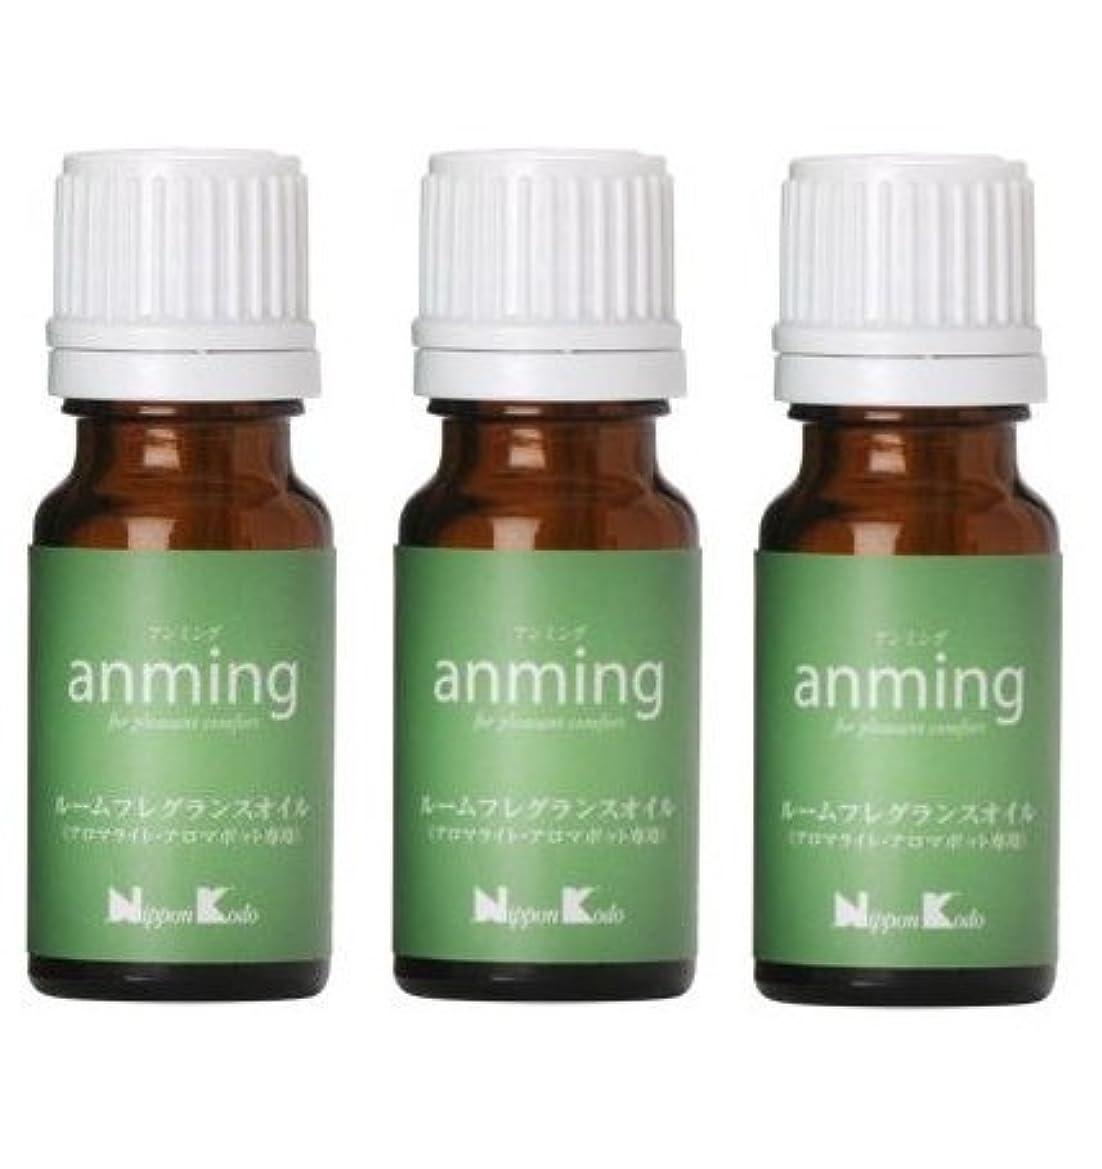 抑制する乳白胃【X3個セット】 anming アンミング ルームフレグランスオイル 10ml